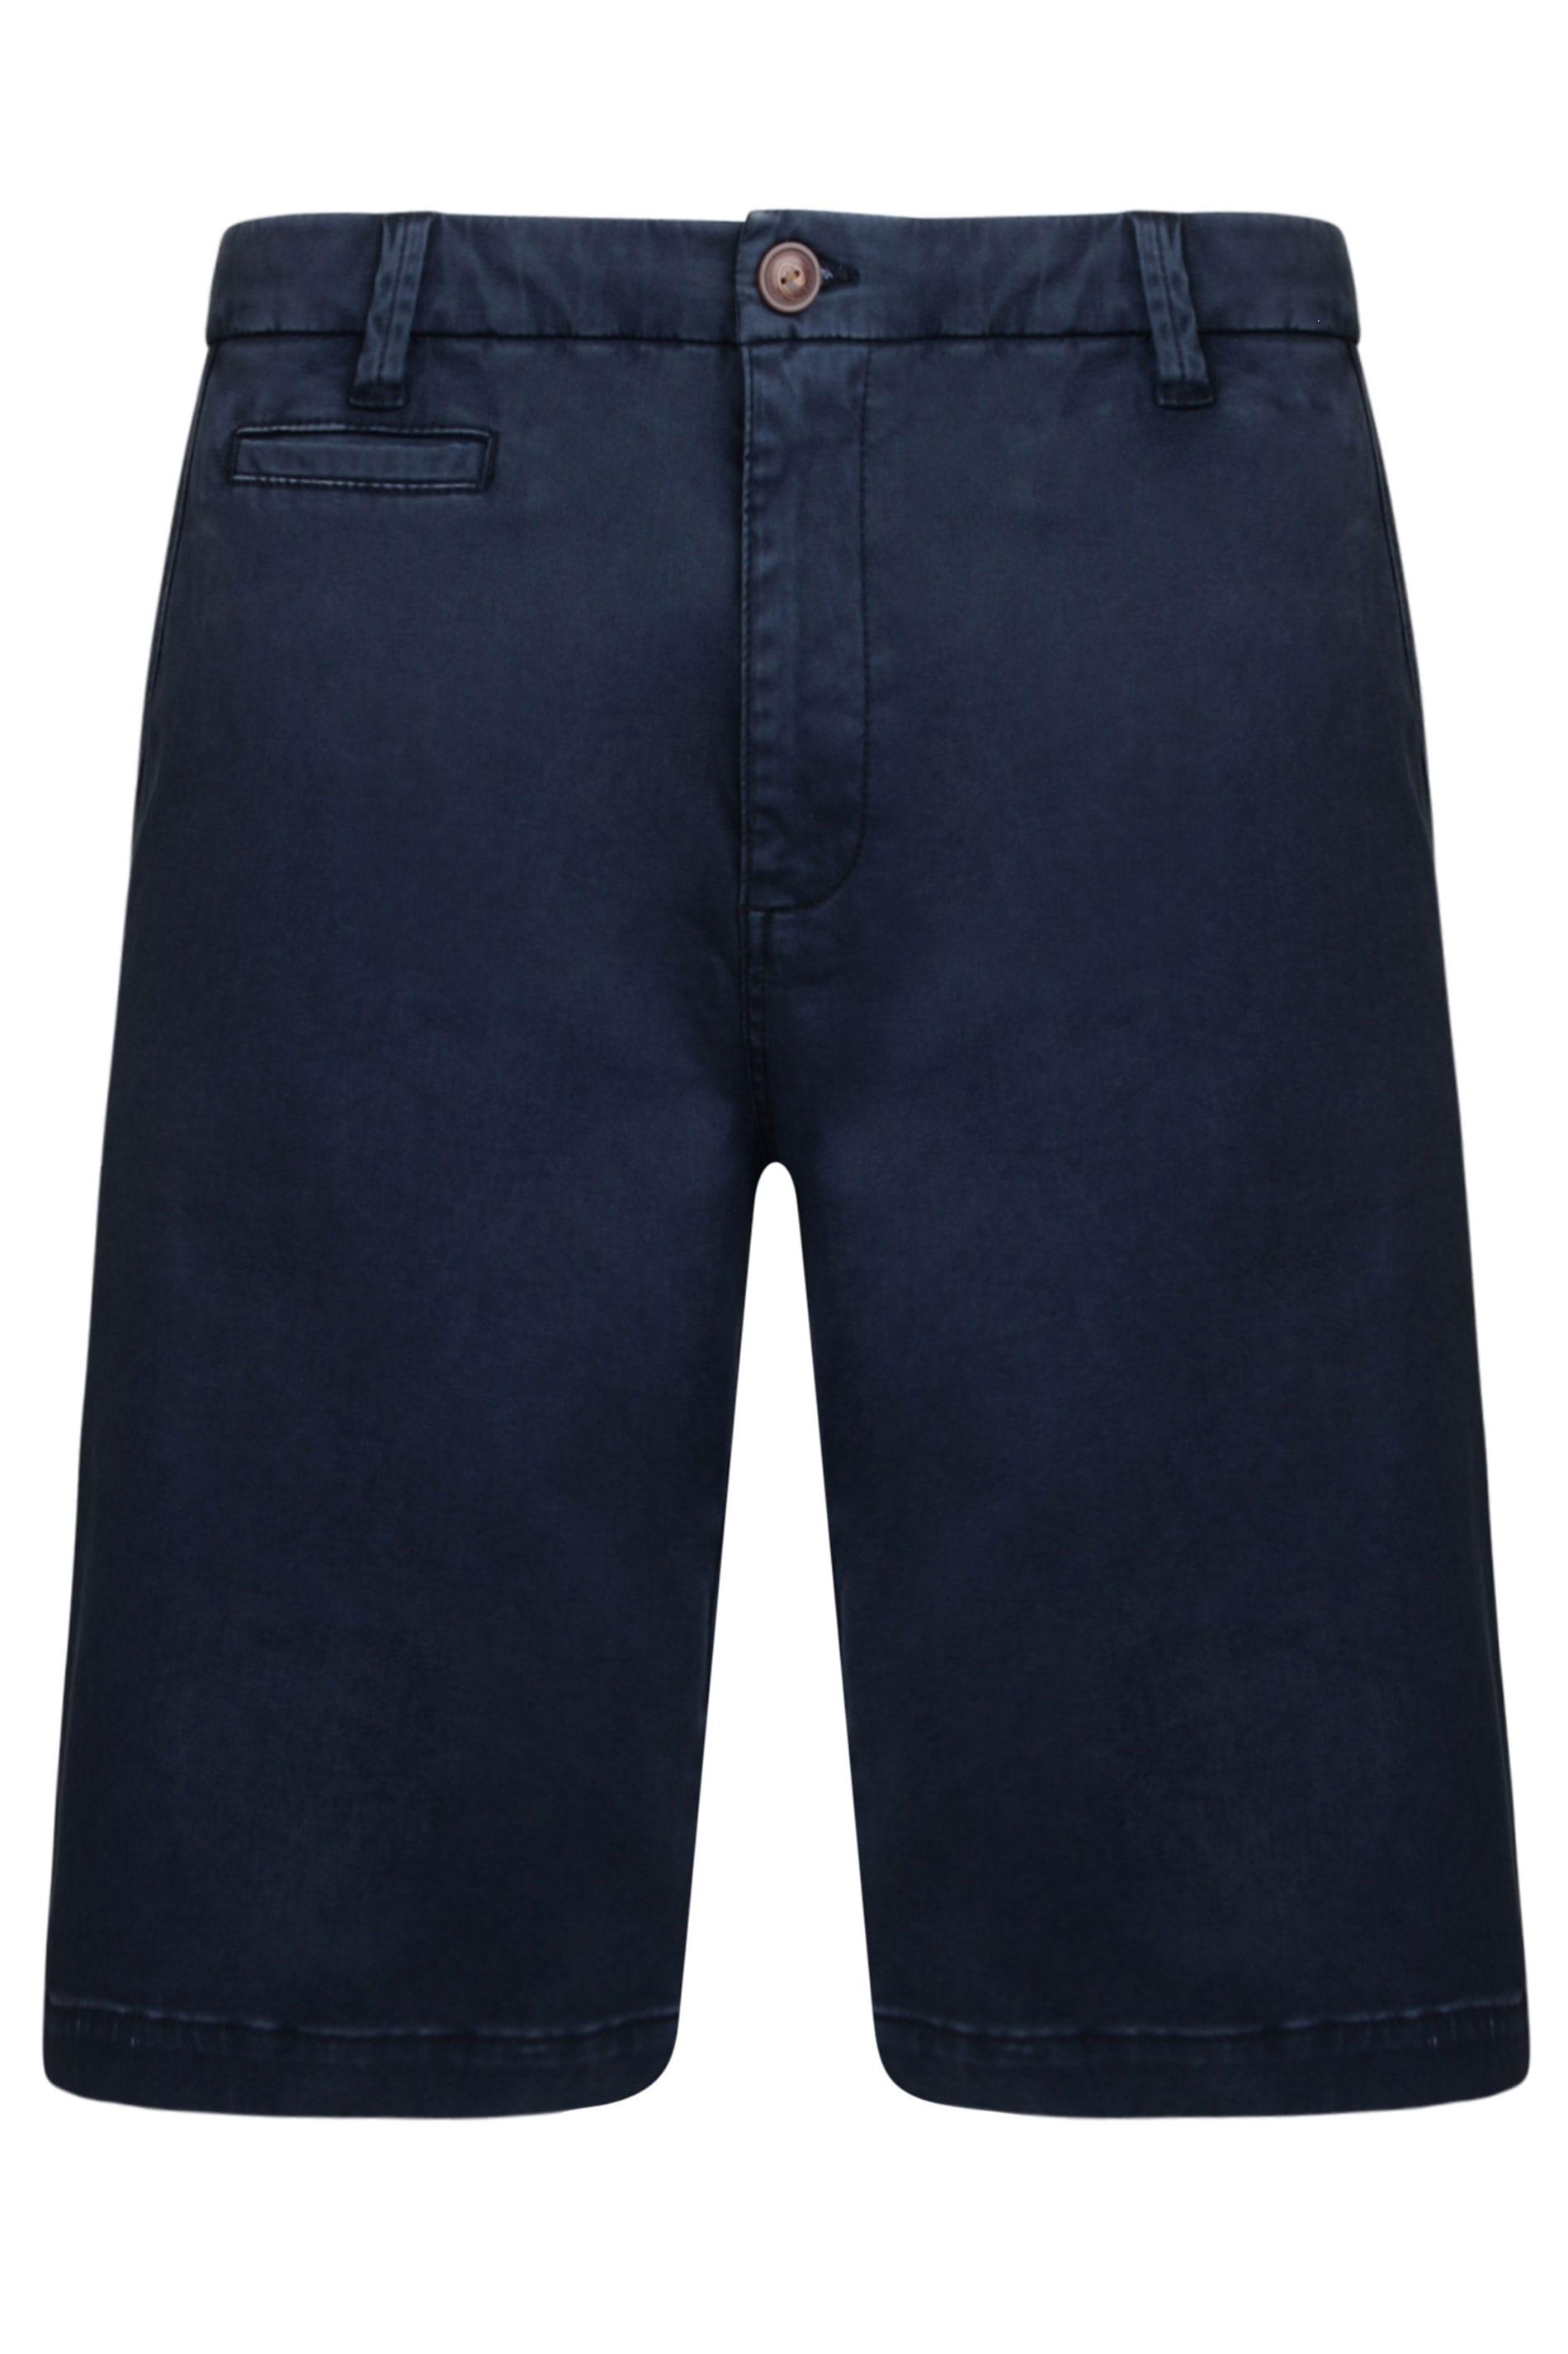 KAM Navy Chino Shorts